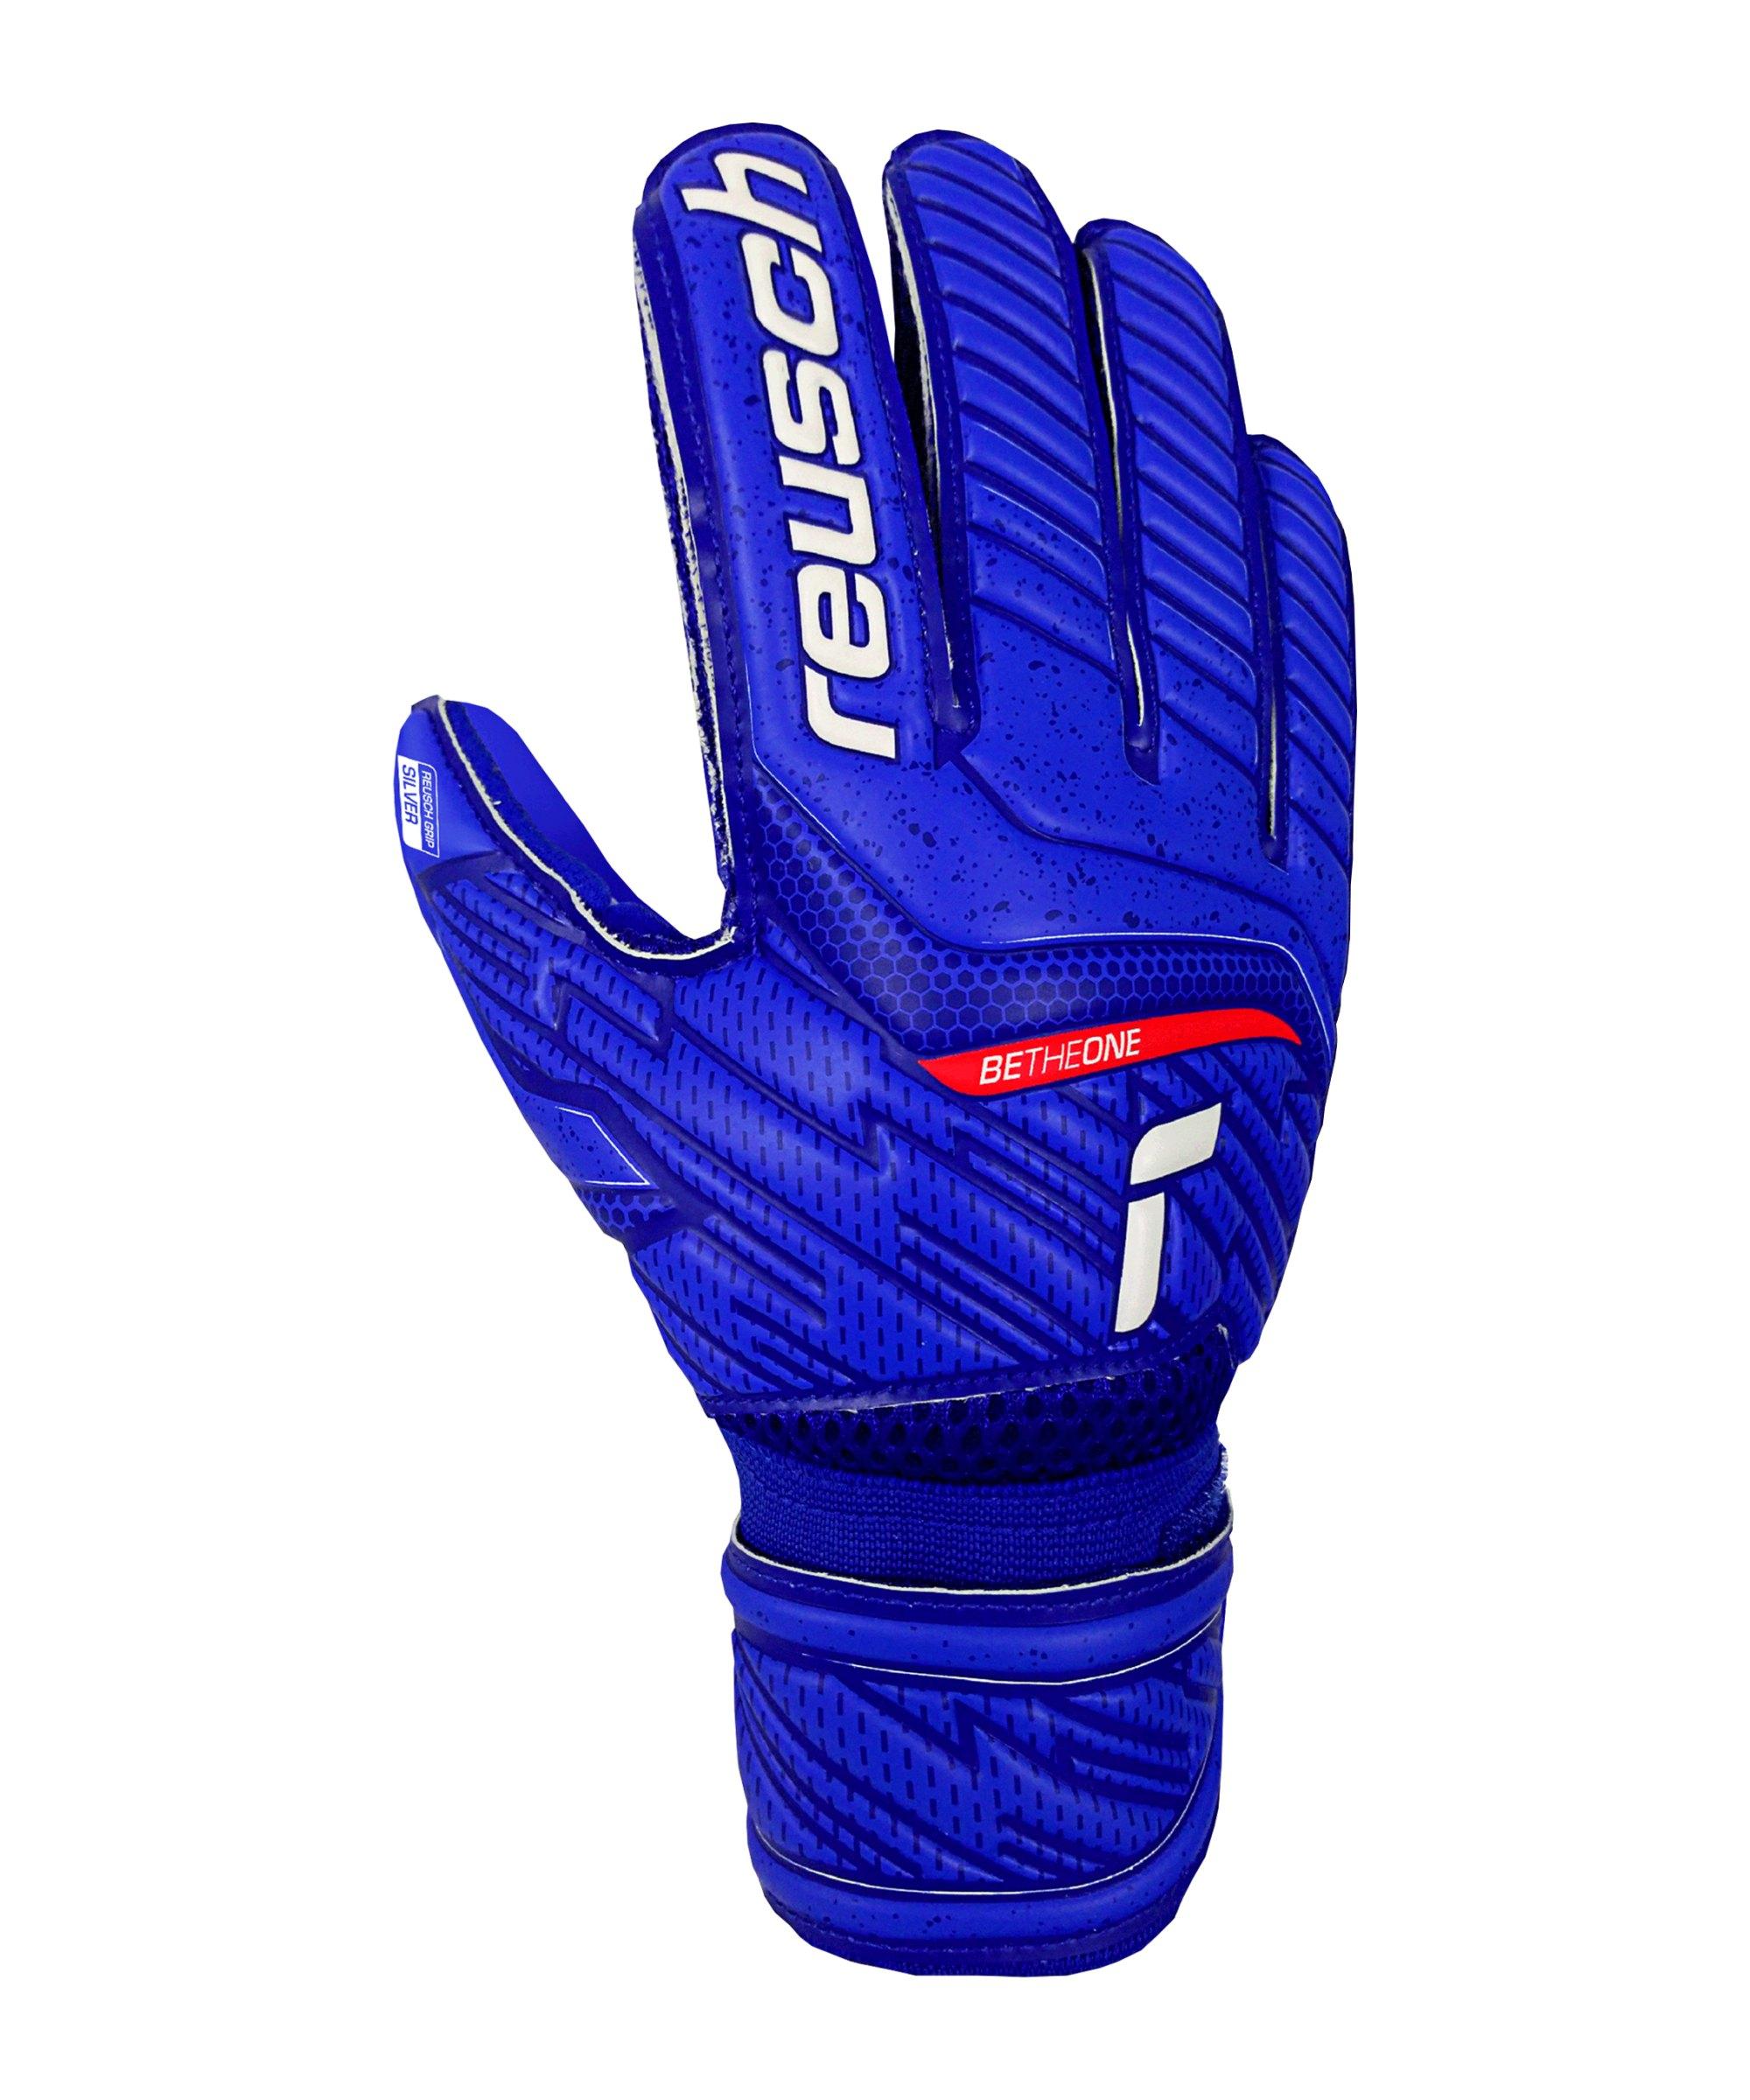 Reusch Attrakt Silver TW-Handschuh Junior F4010 - blau